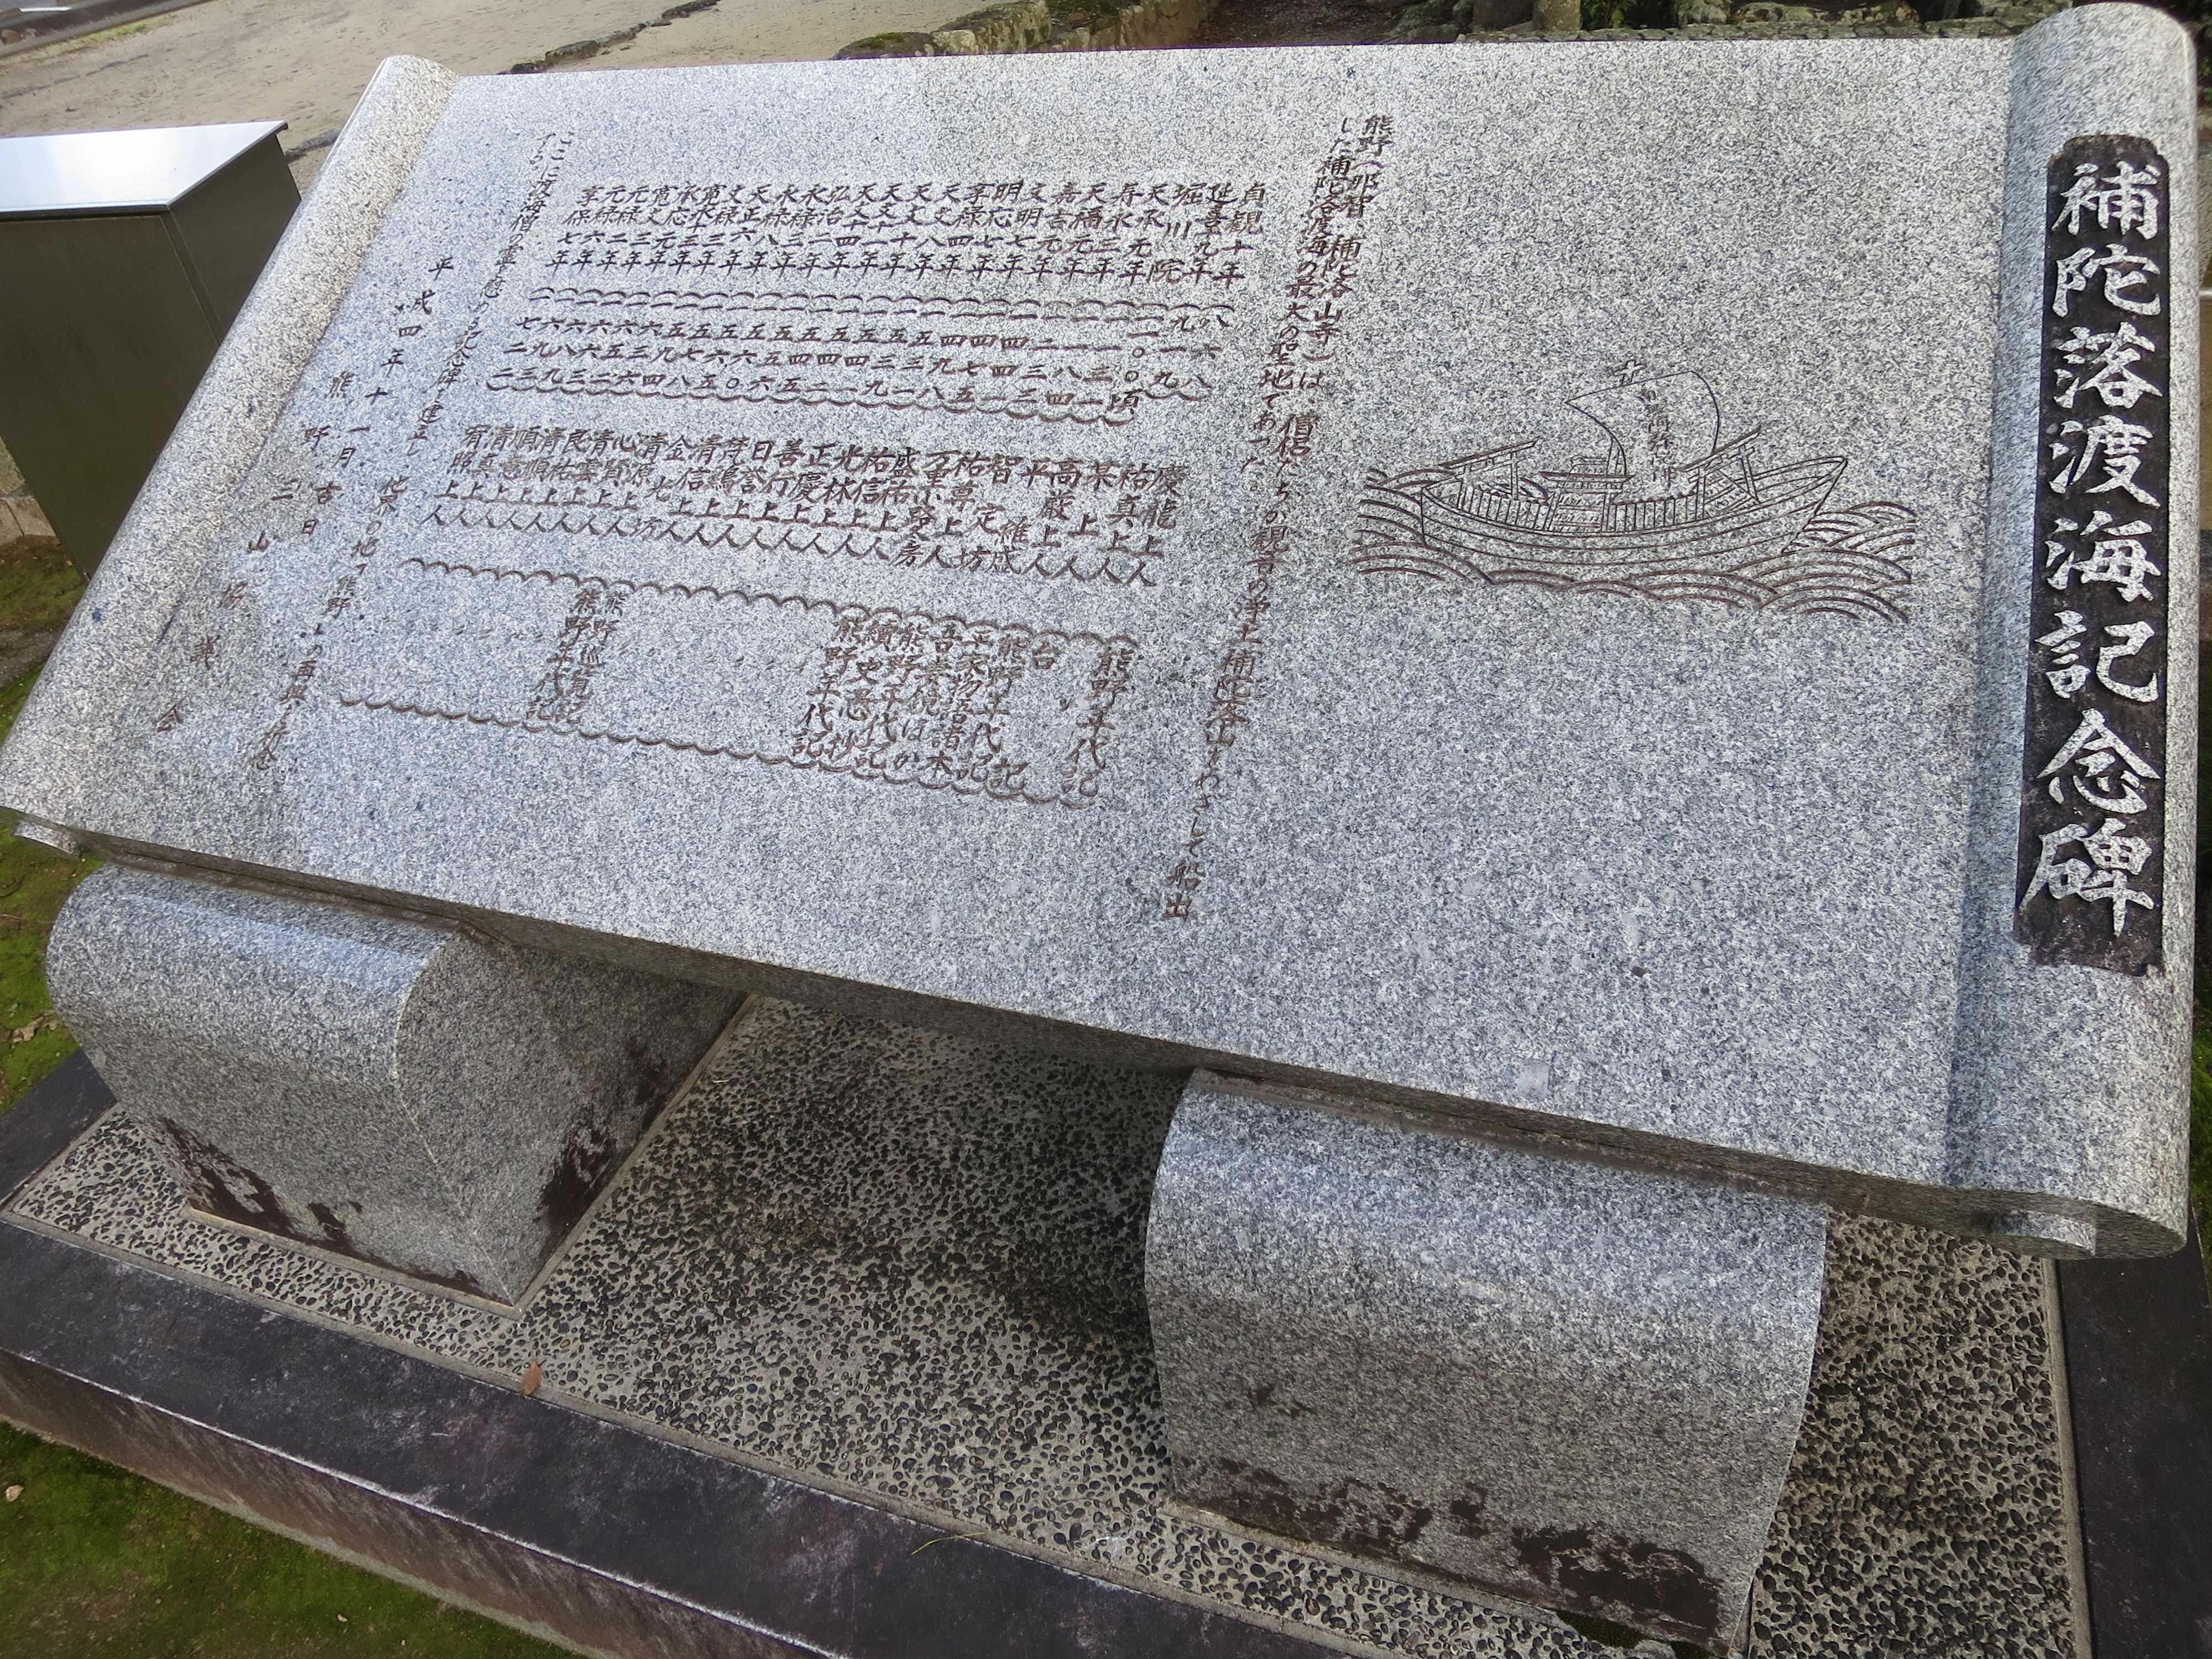 補陀洛渡海記念碑